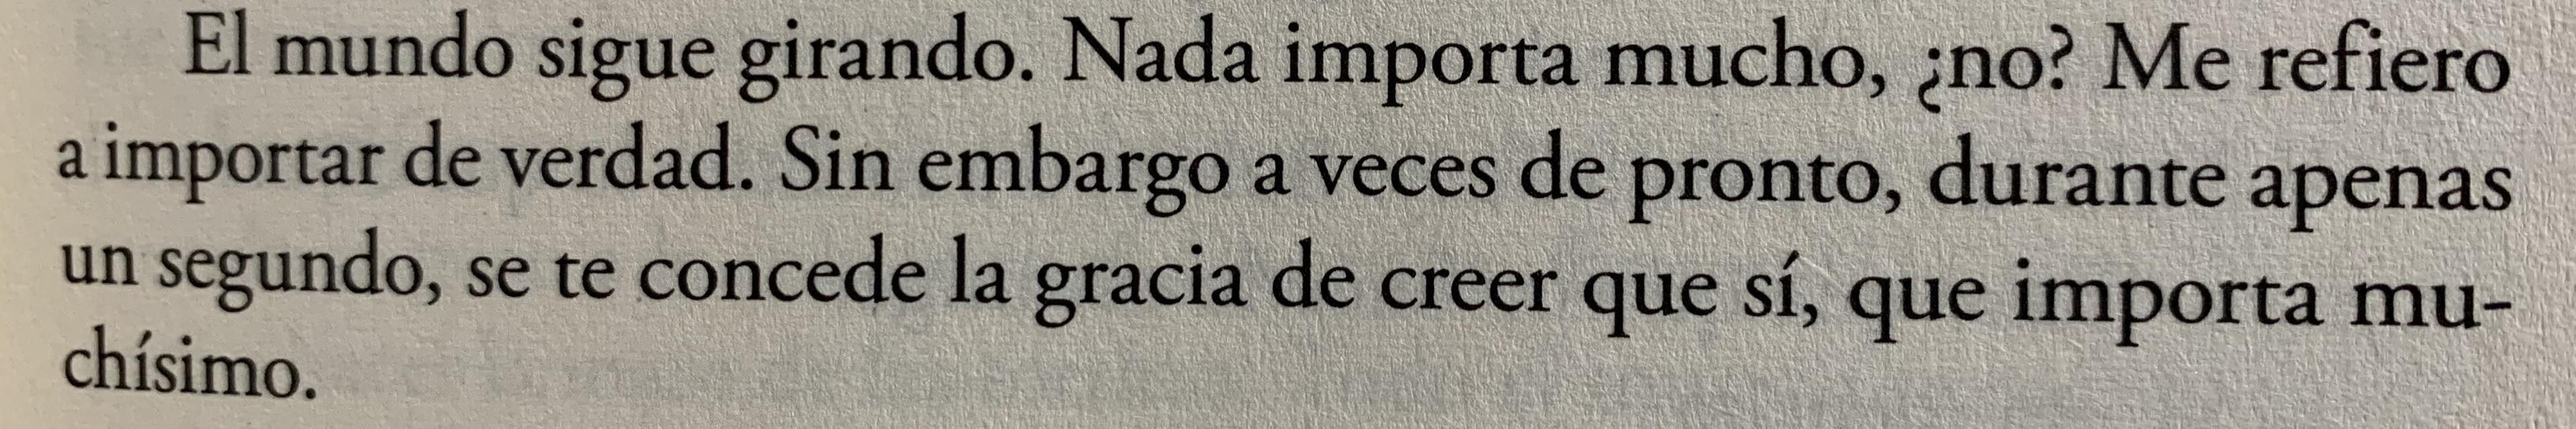 Fragmento del libro Manual para mujeres de la limpieza de Lucia Berlin